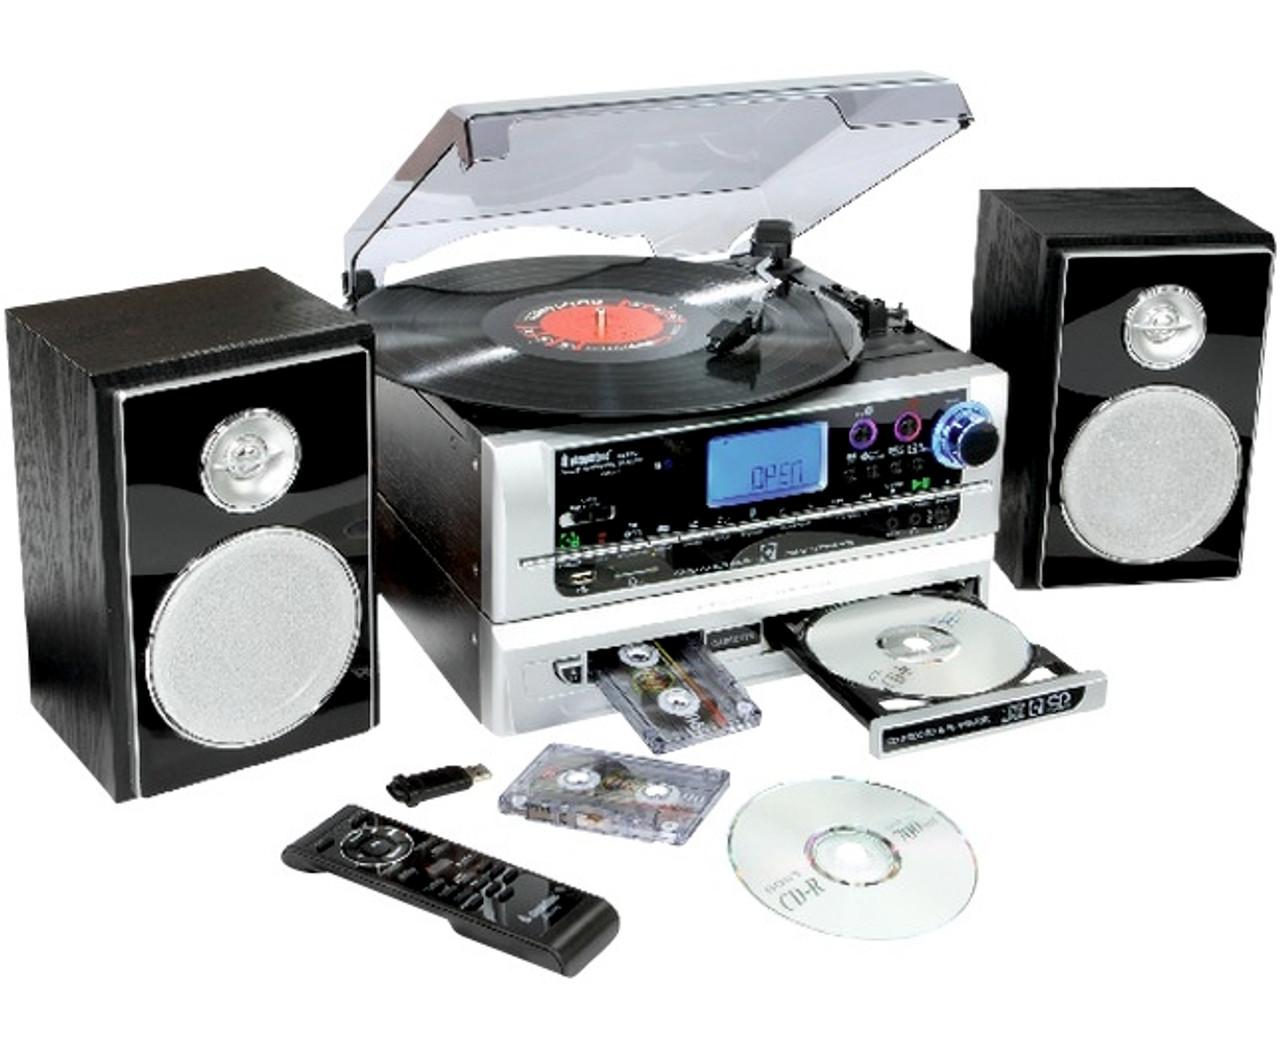 6-in-1 CD Burner Music System